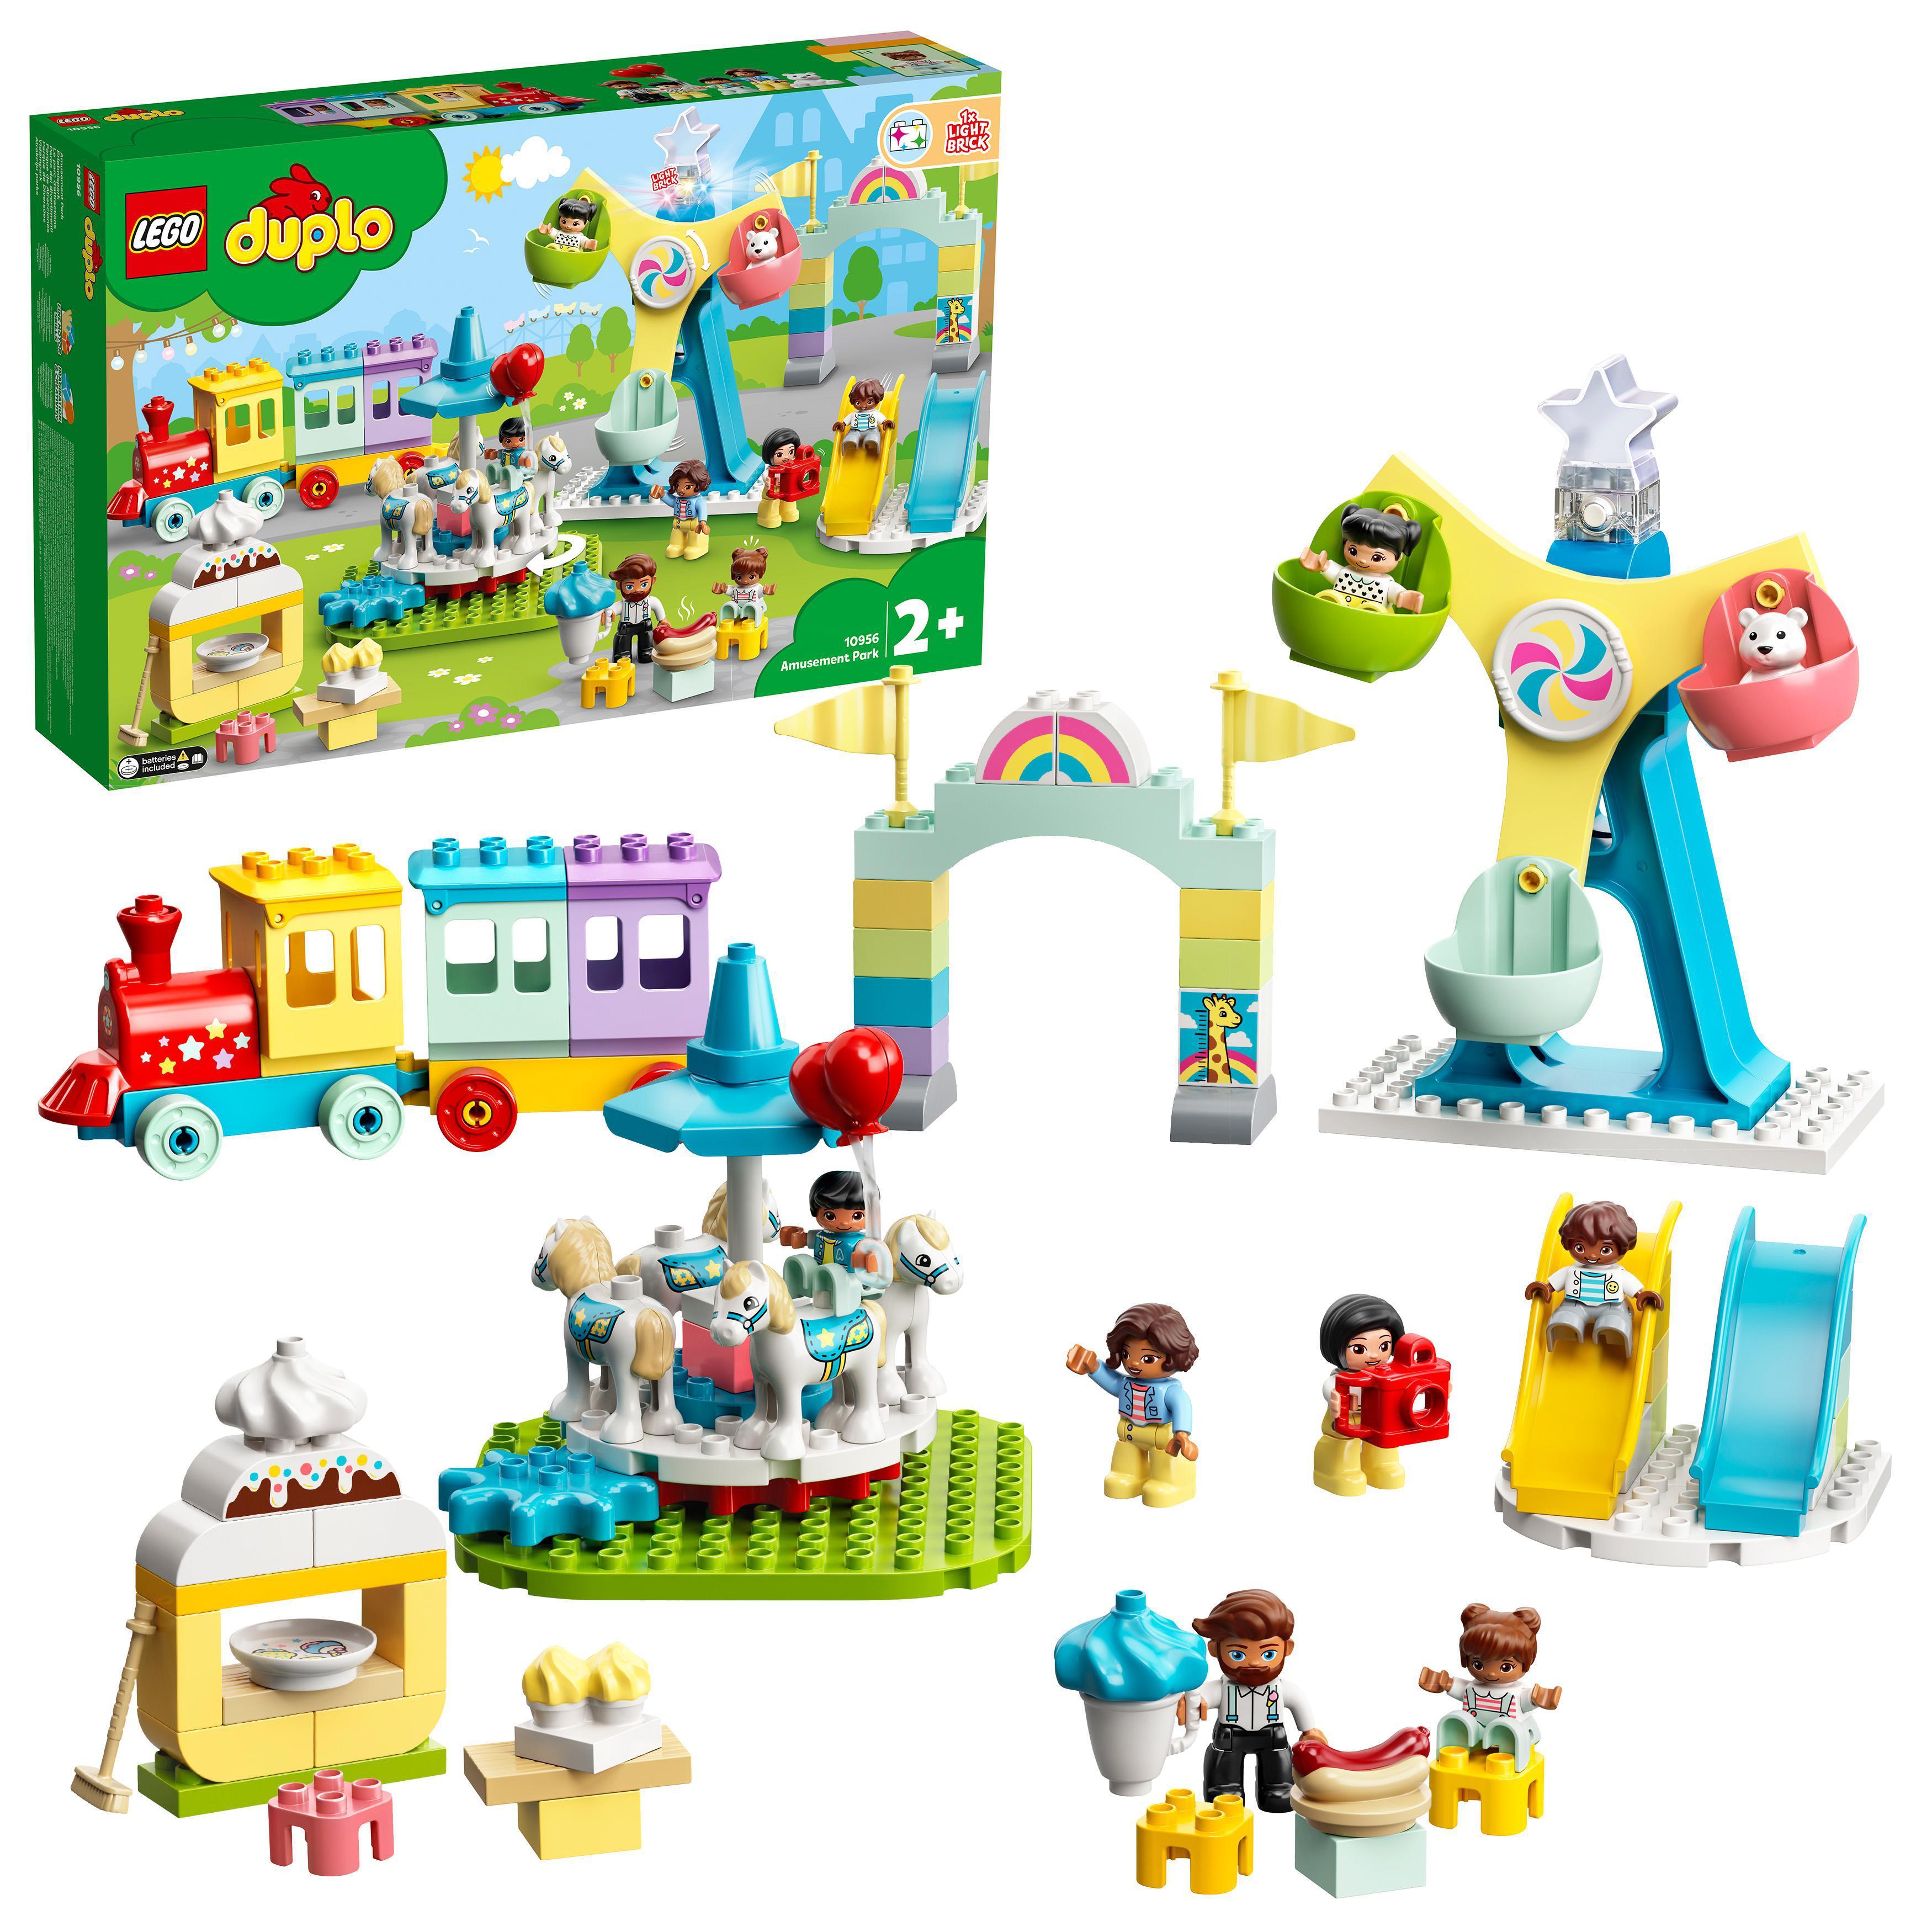 LEGO DUPLO - Amusement Park (10956)